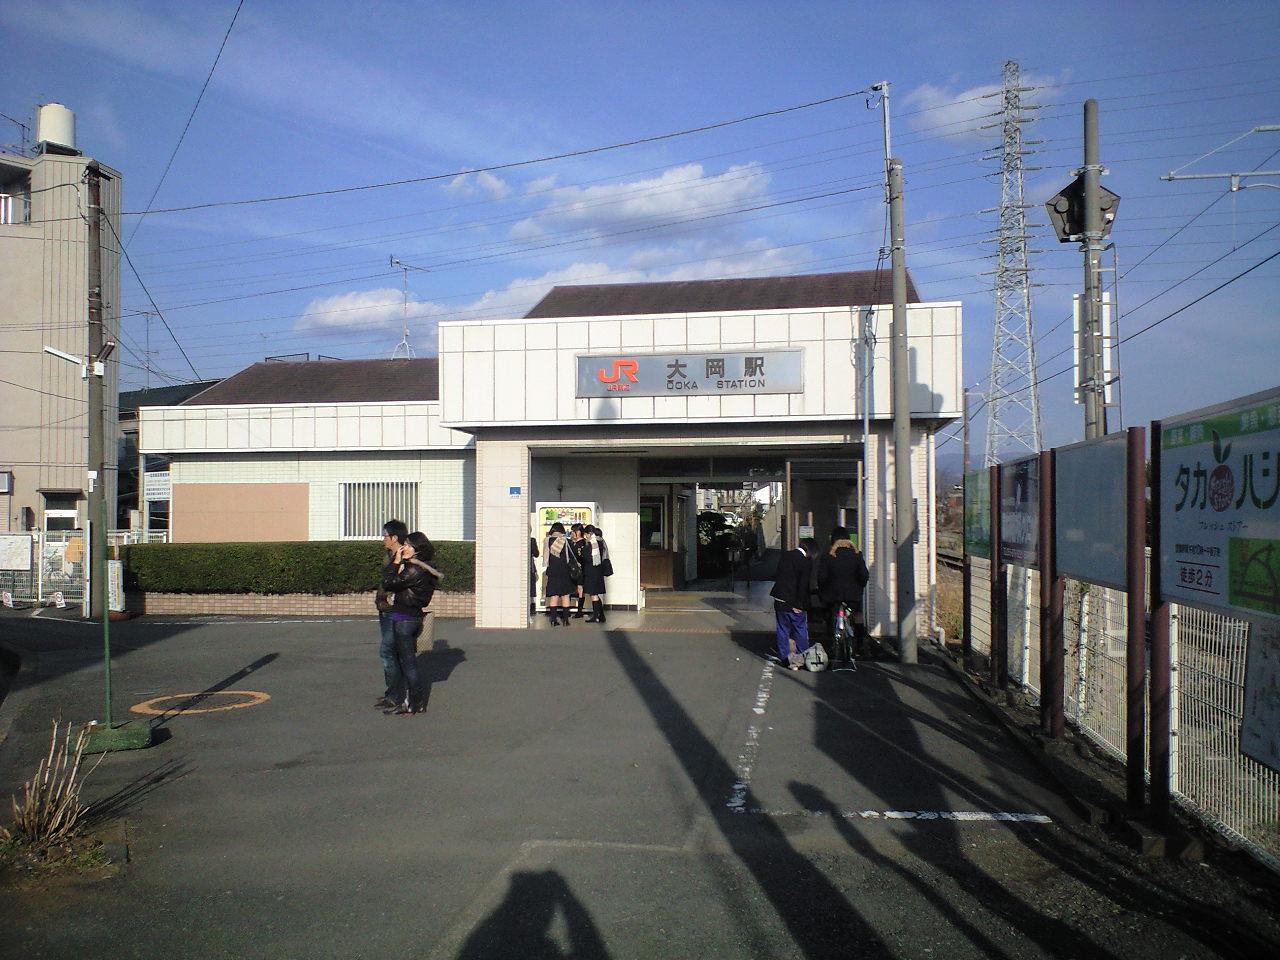 오오카 역